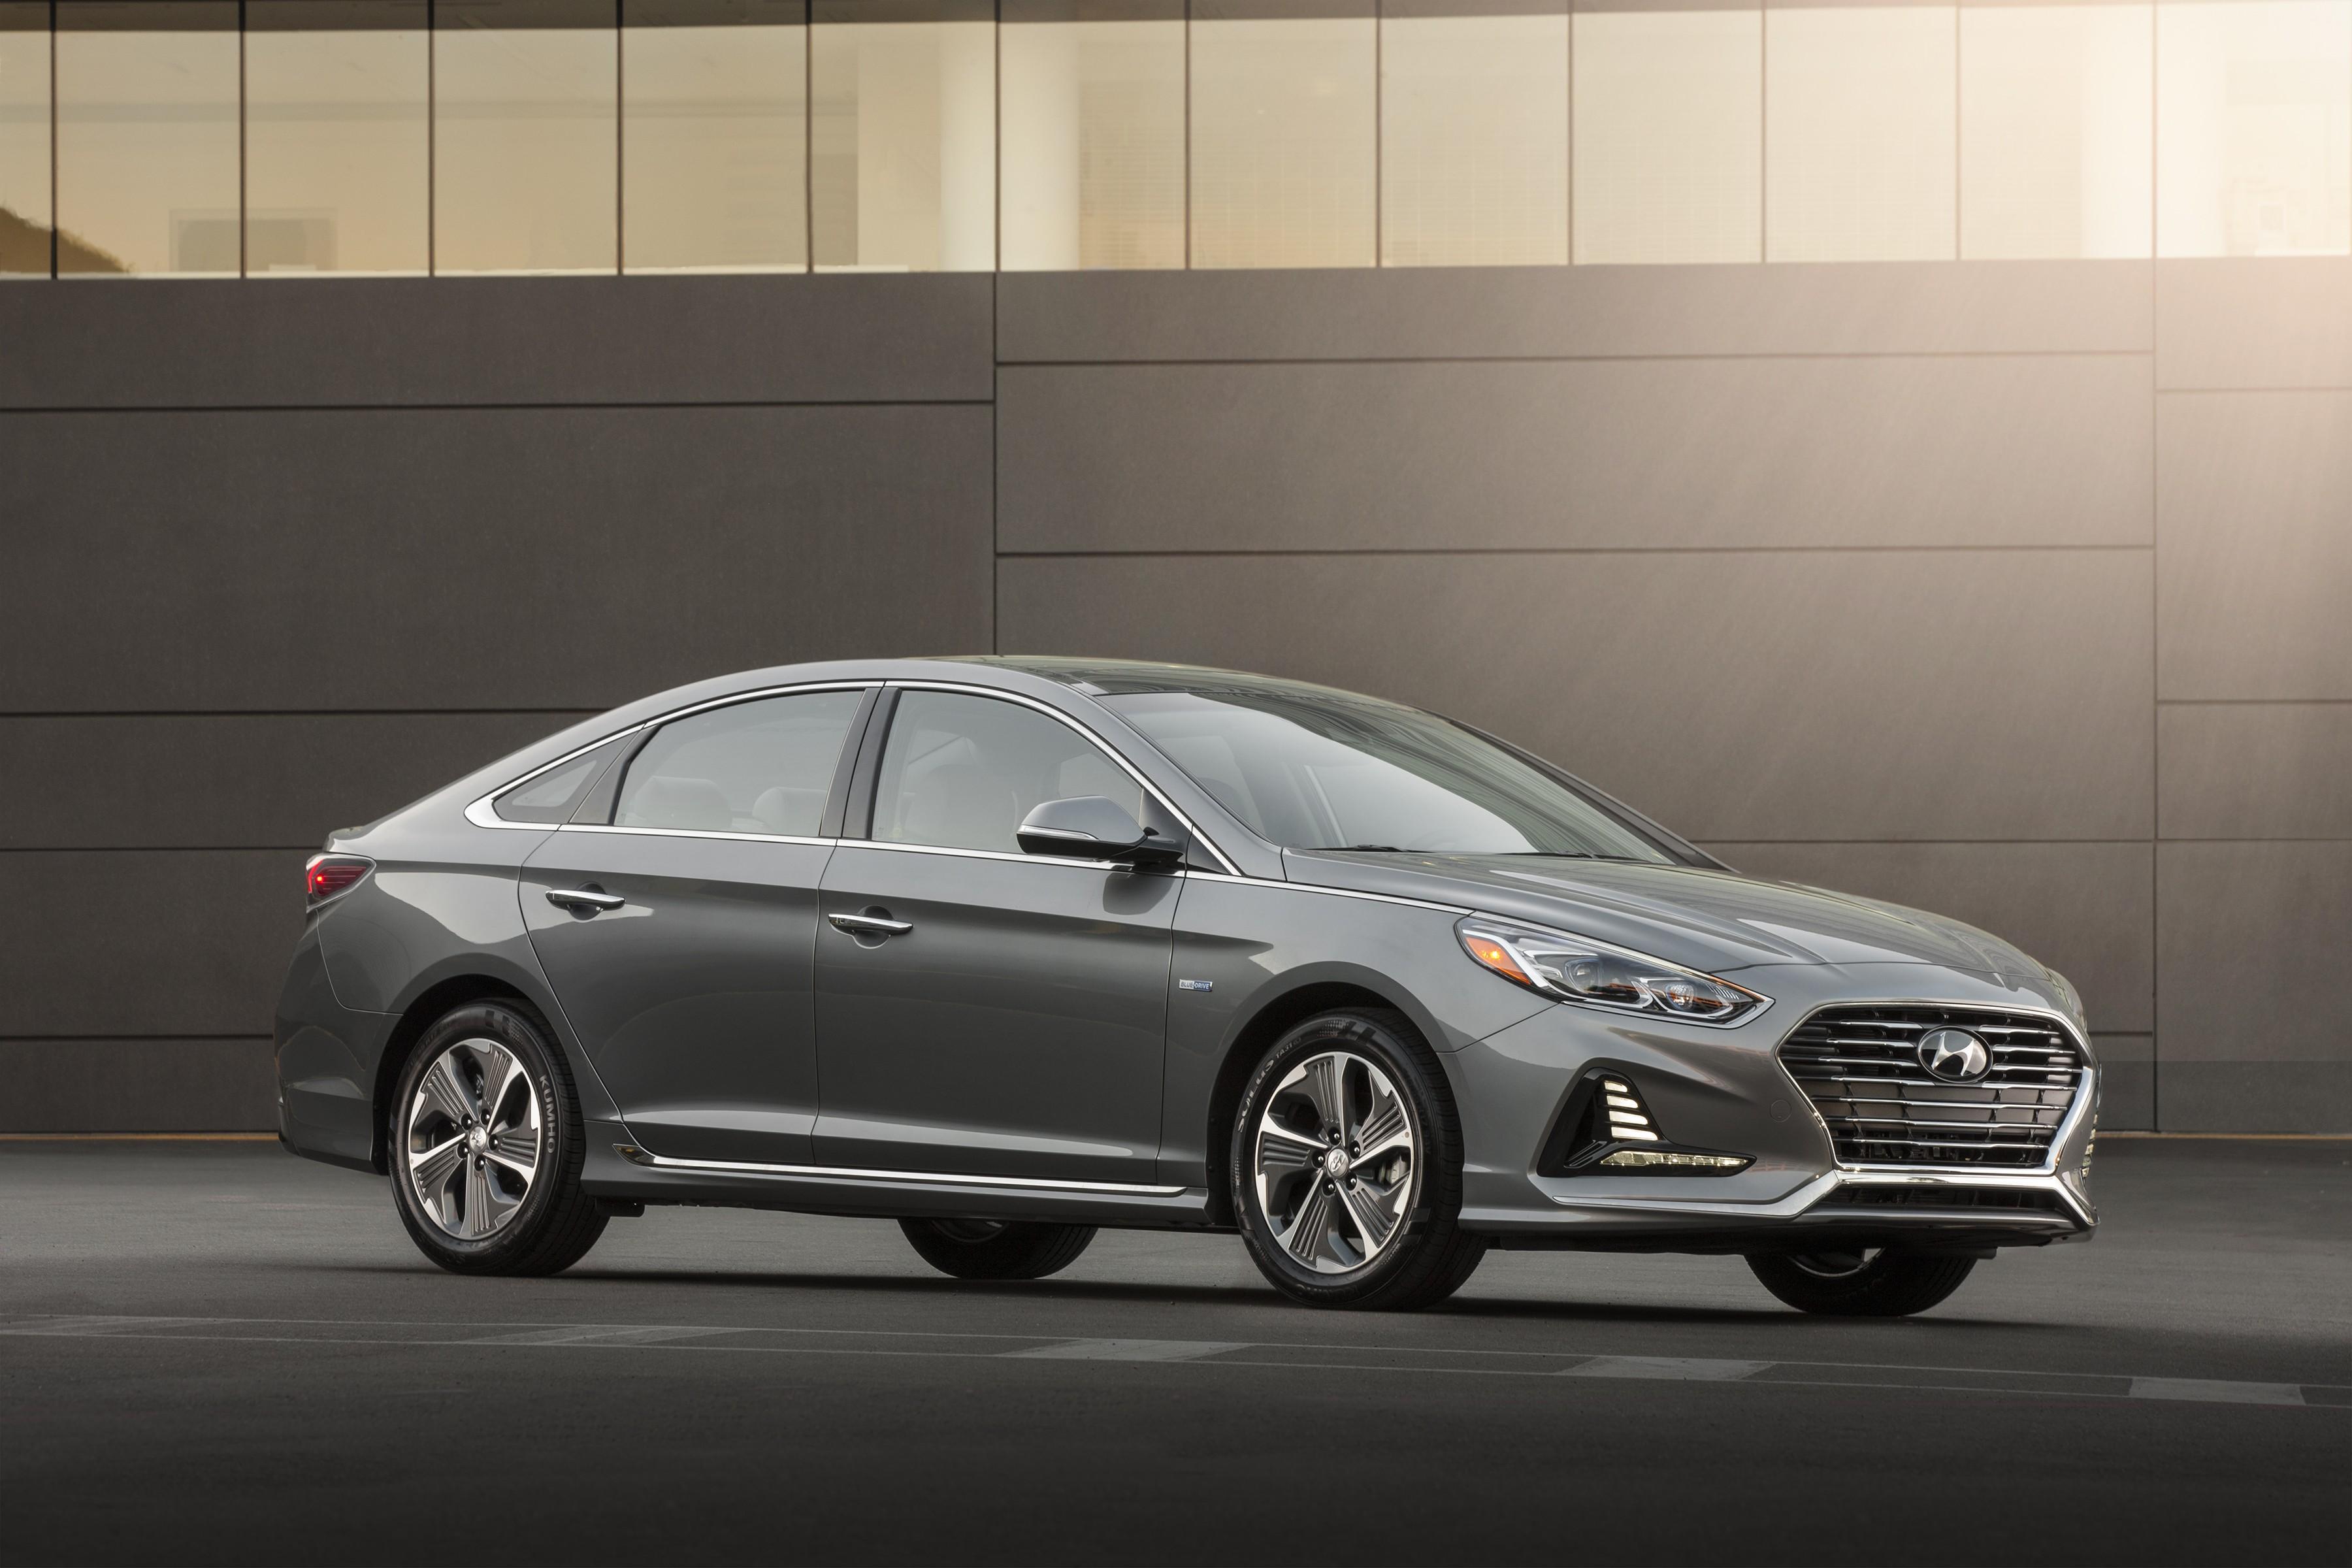 Wallpaper Hyundai Sonata Hybrid, 2018 Cars, 4k, Cars ...